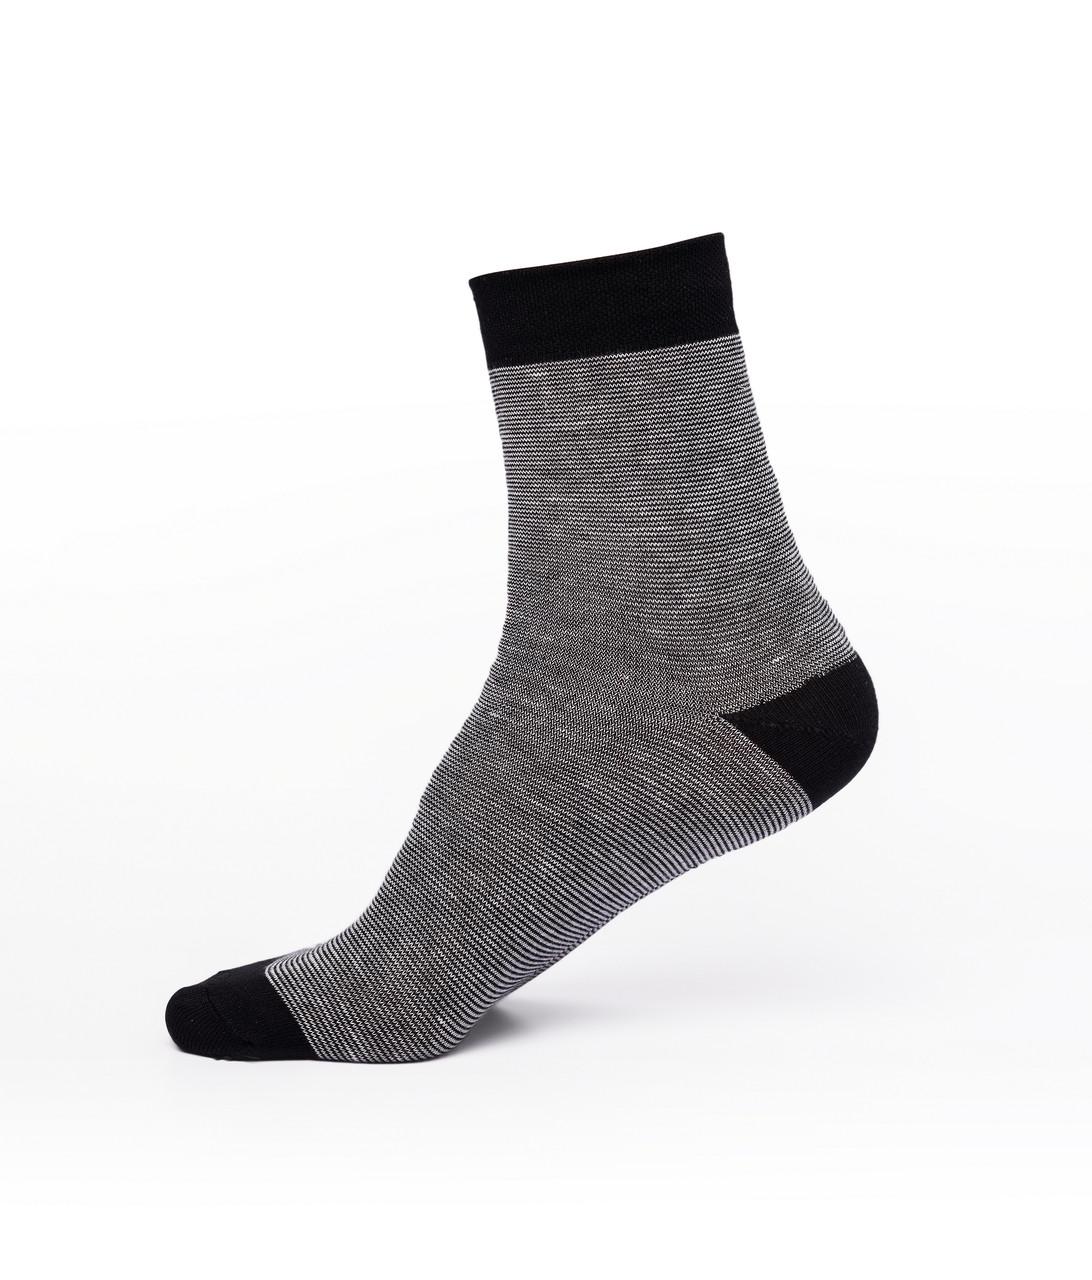 Мужские носки,хлопок, серые